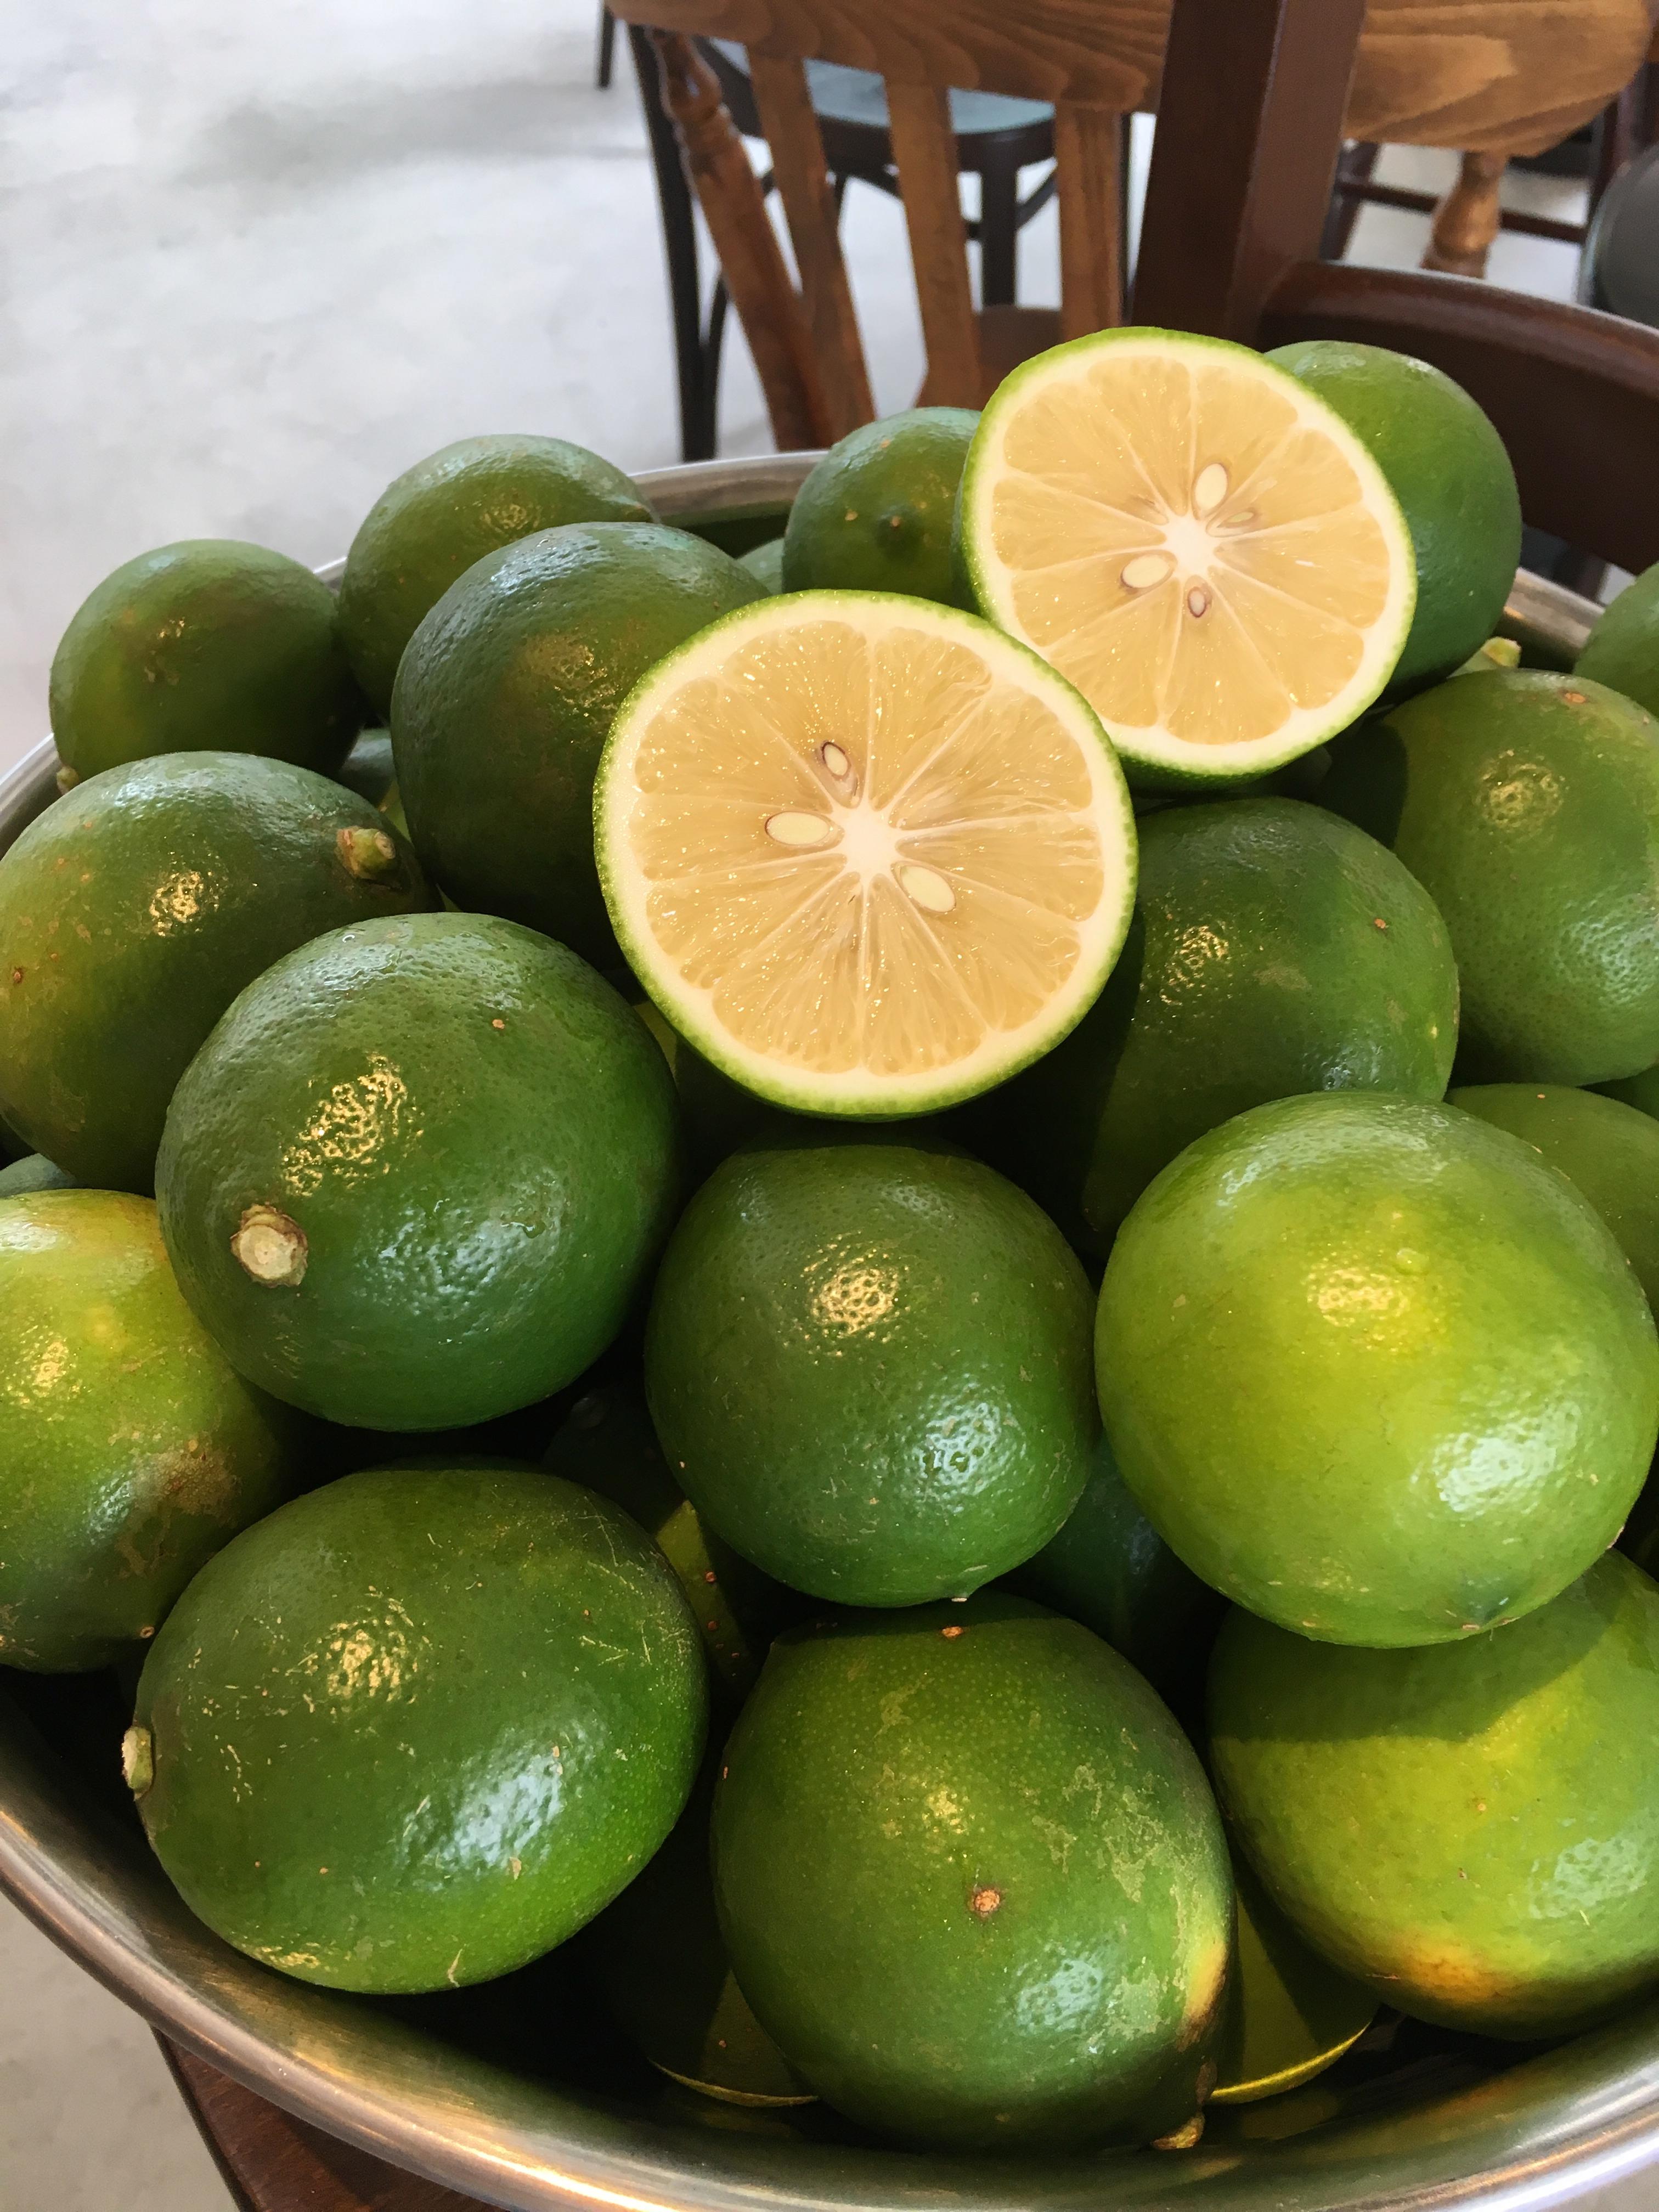 小笠原諸島母島産の無農薬島レモンが届きました!